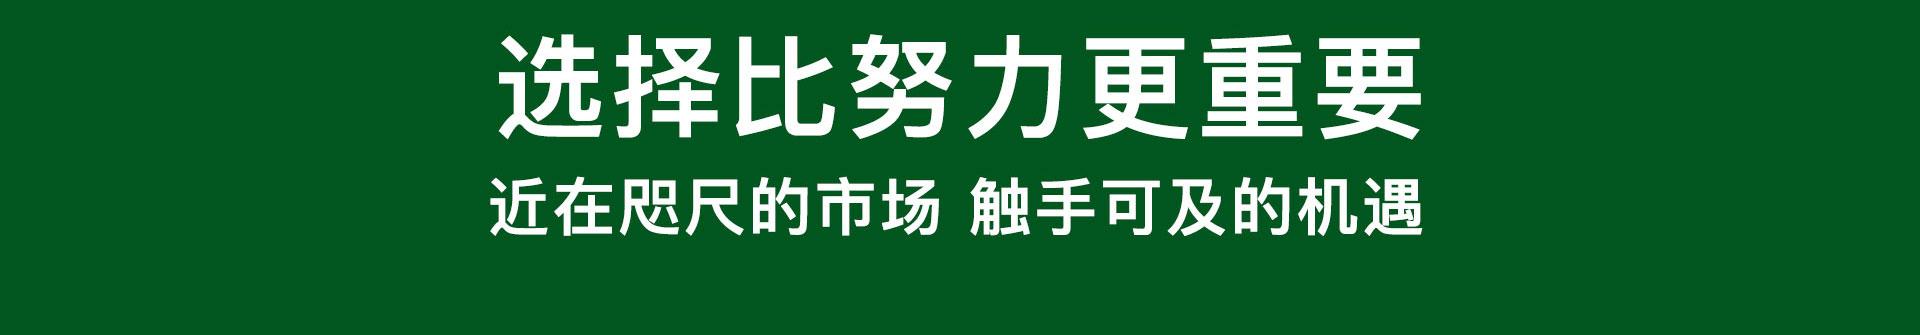 香港艾乐国际幼儿园al_29